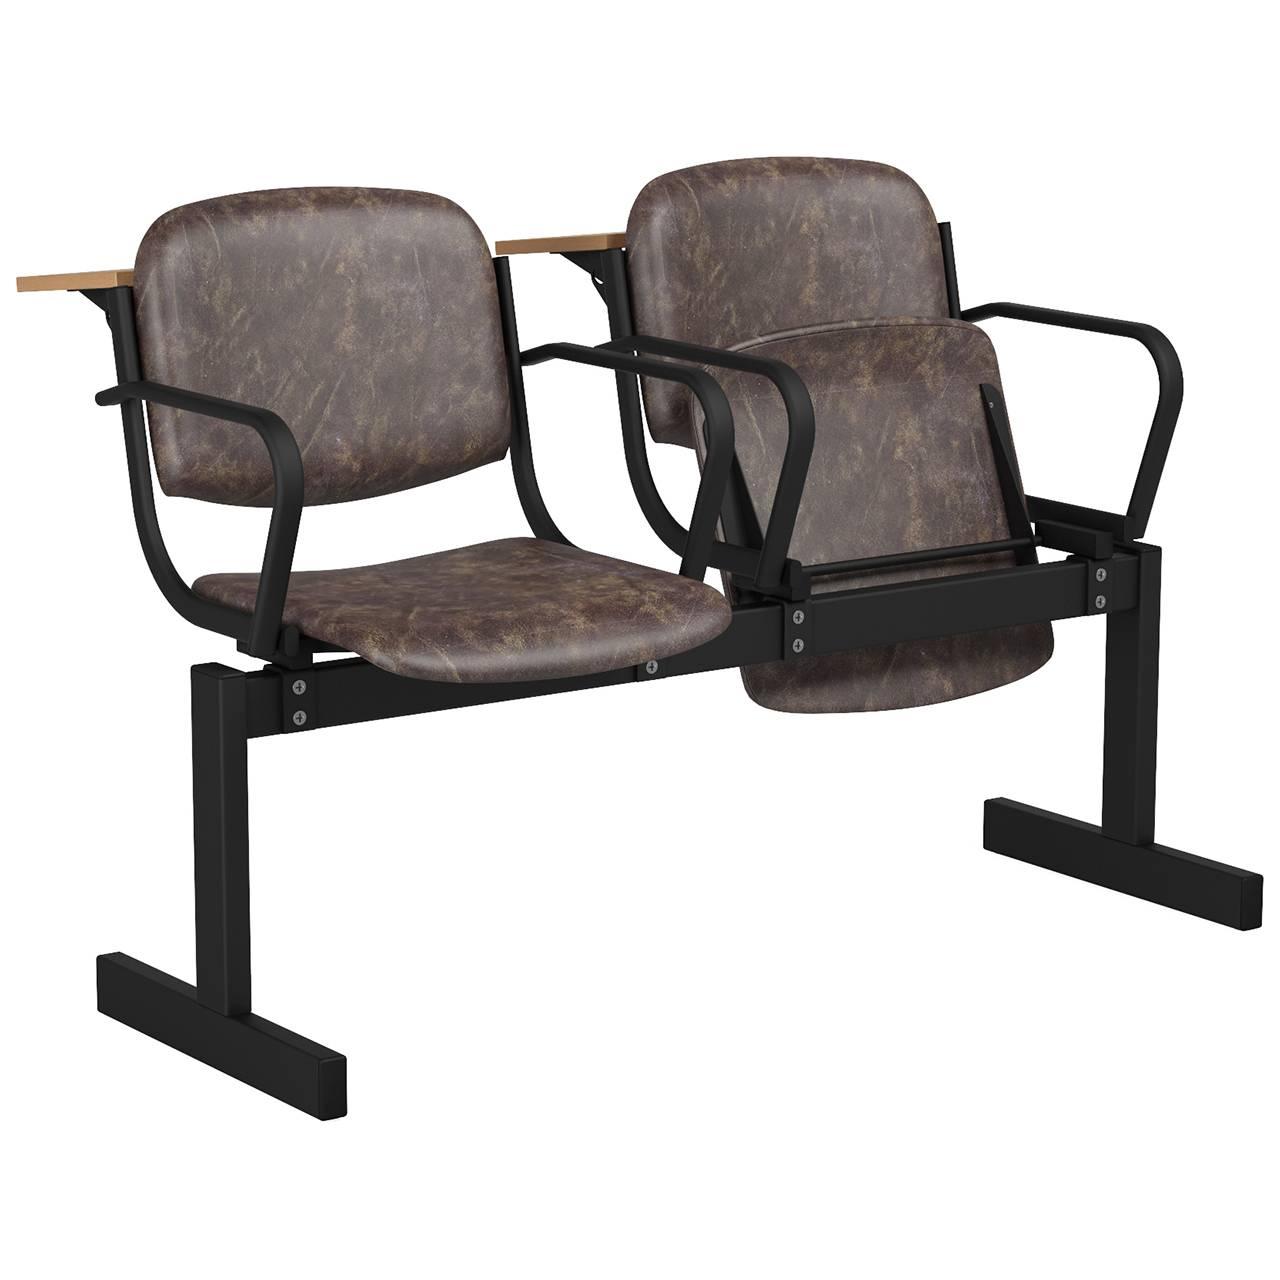 2-местный, откидывающиеся сиденья, мягкий, подлокотники, лекционный черный коричневый Кожзаменитель